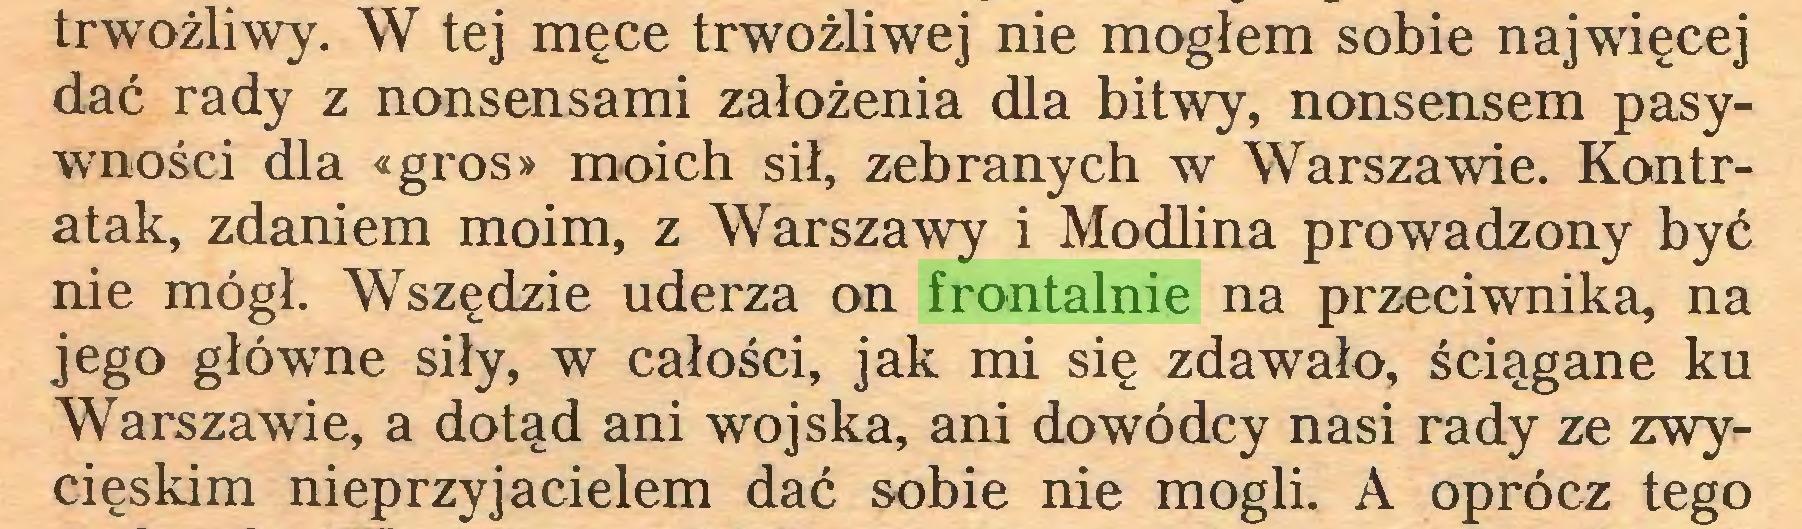 (...) trwożliwy. W tej męce trwożliwej nie mogłem sobie najwięcej dać rady z nonsensami założenia dla bitwy, nonsensem pasywności dla «gros» moich sił, zebranych w Warszawie. Kontratak, zdaniem moim, z Warszawy i Modlina prowadzony być nie mógł. Wszędzie uderza on frontalnie na przeciwnika, na jego główne siły, w całości, jak mi się zdawało, ściągane ku Warszawie, a dotąd ani wojska, ani dowódcy nasi rady ze zwycięskim nieprzyjacielem dać sobie nie mogli. A oprócz tego...